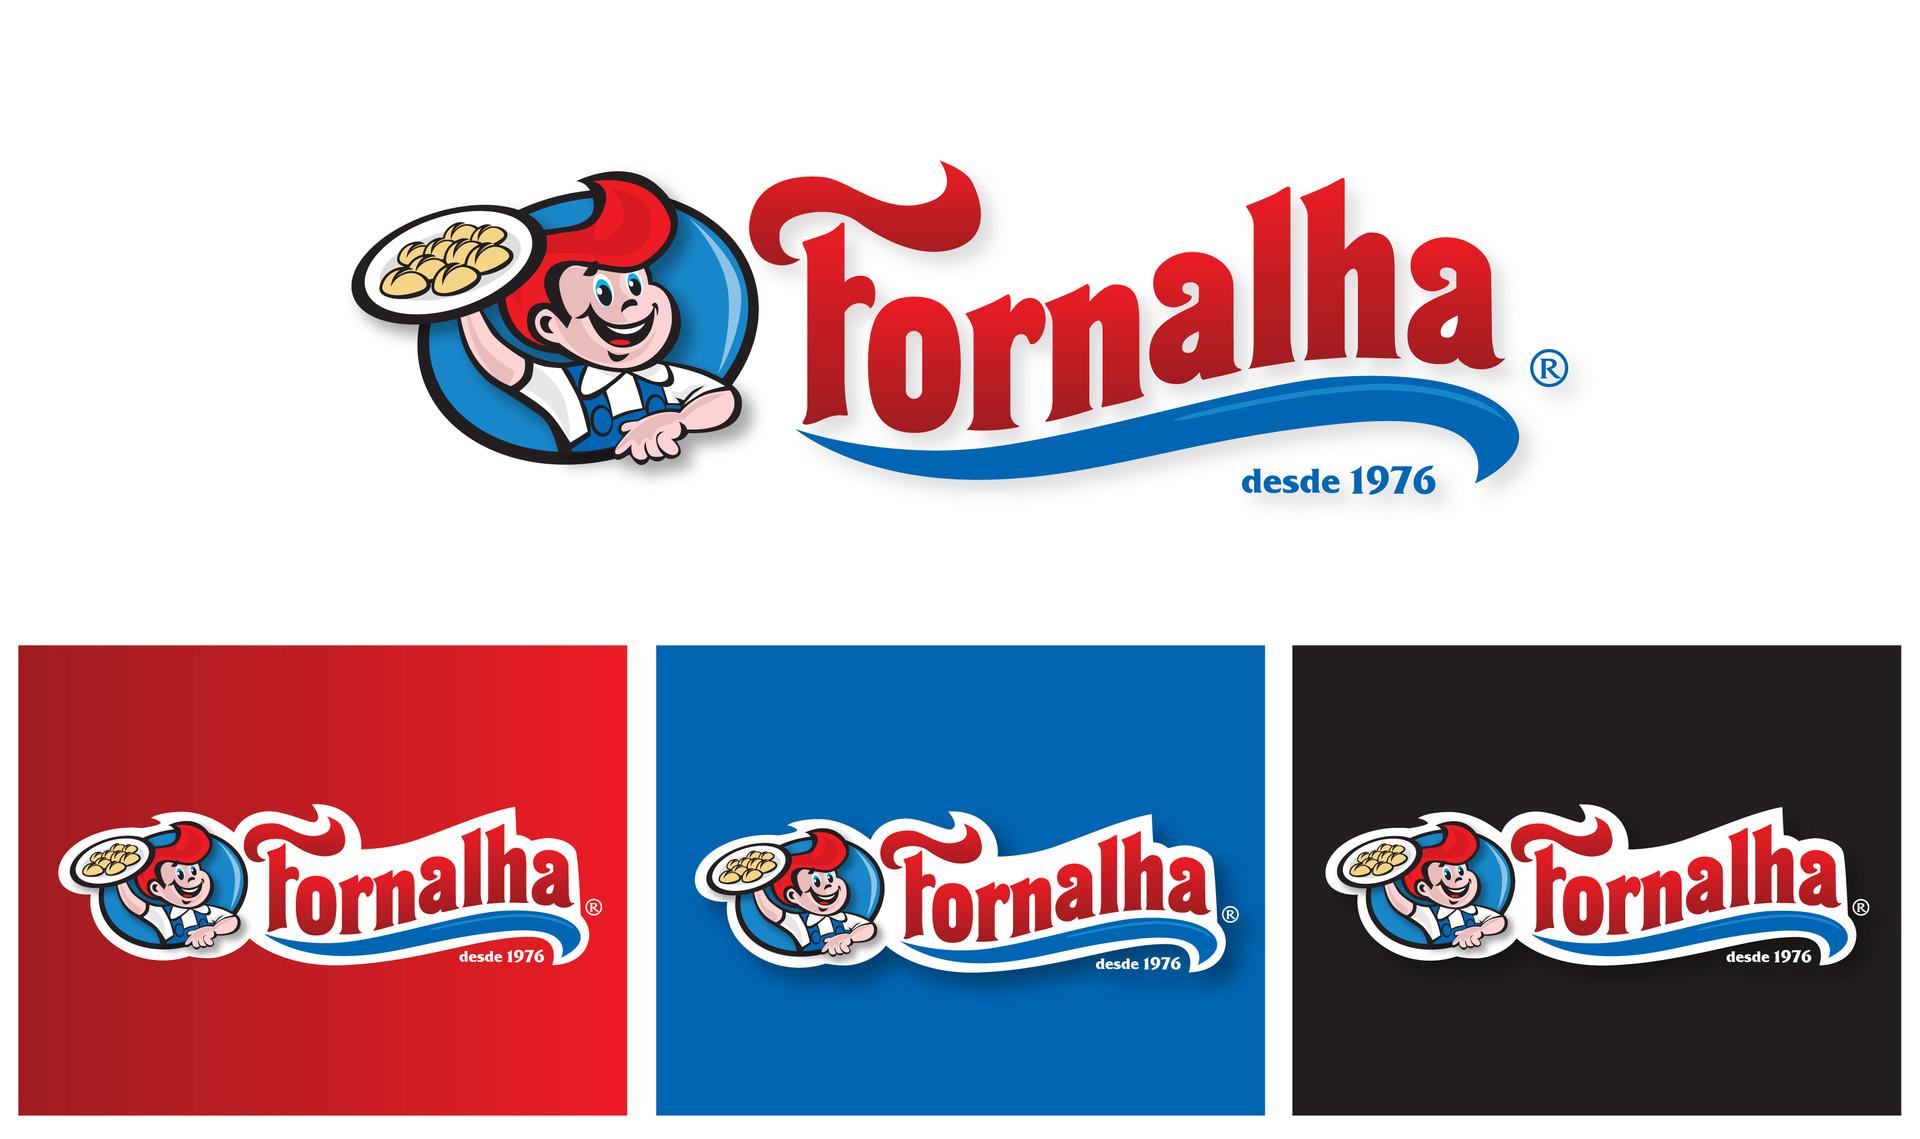 FORNALHA_2017_logo_horizontal.jpg